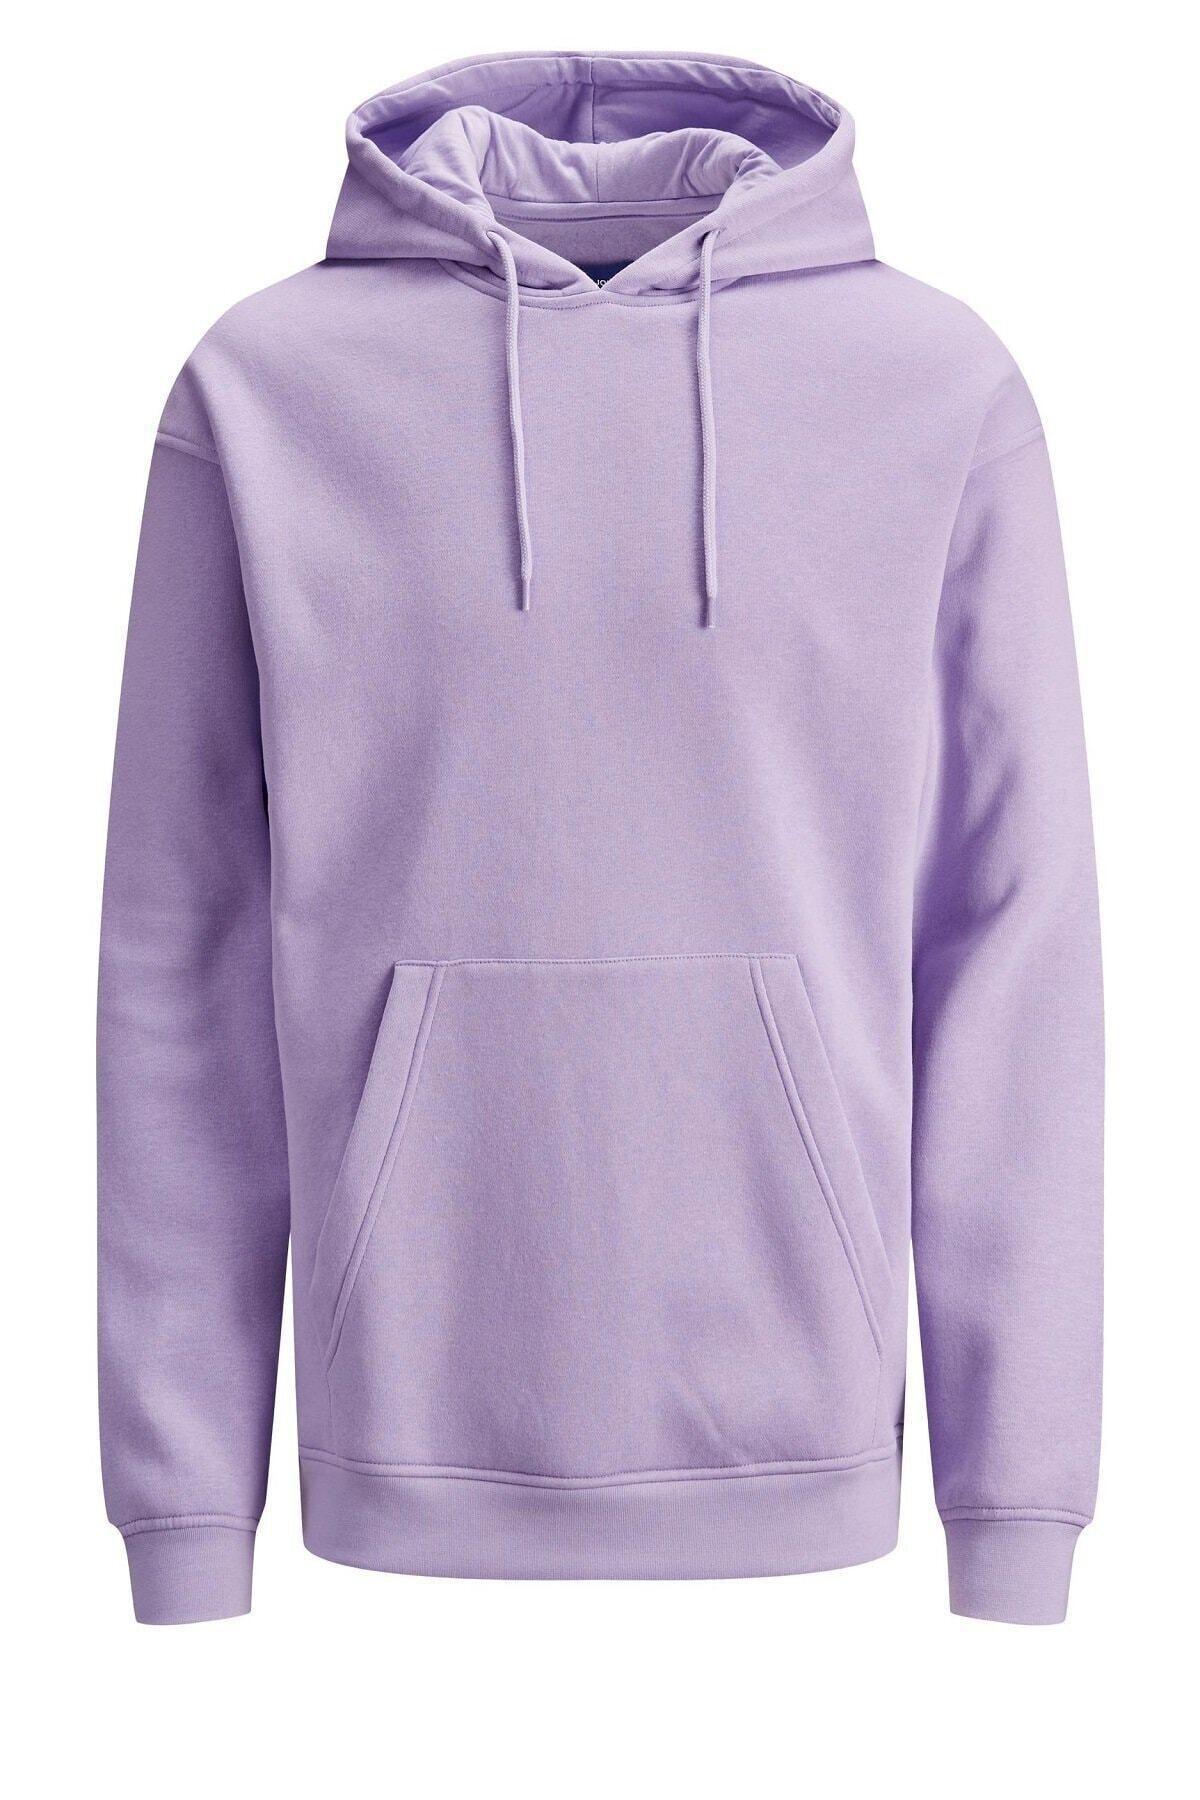 Jack & Jones Brınk Sweatshirt 12186375 1